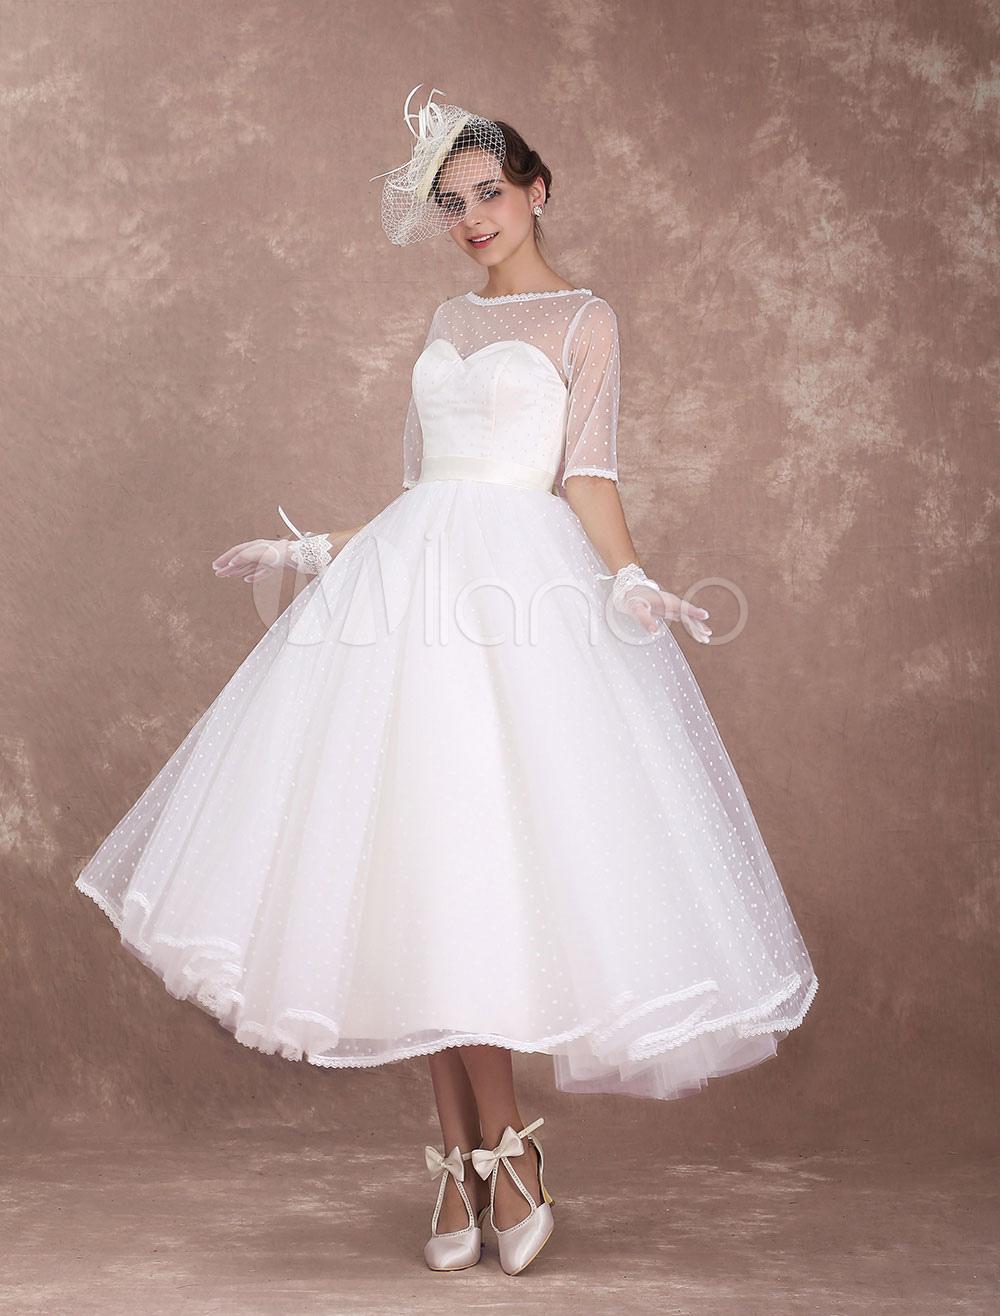 Brautkleider Vintage A-Linie- Elfenbeinfarbe mit Bateau-Kragen